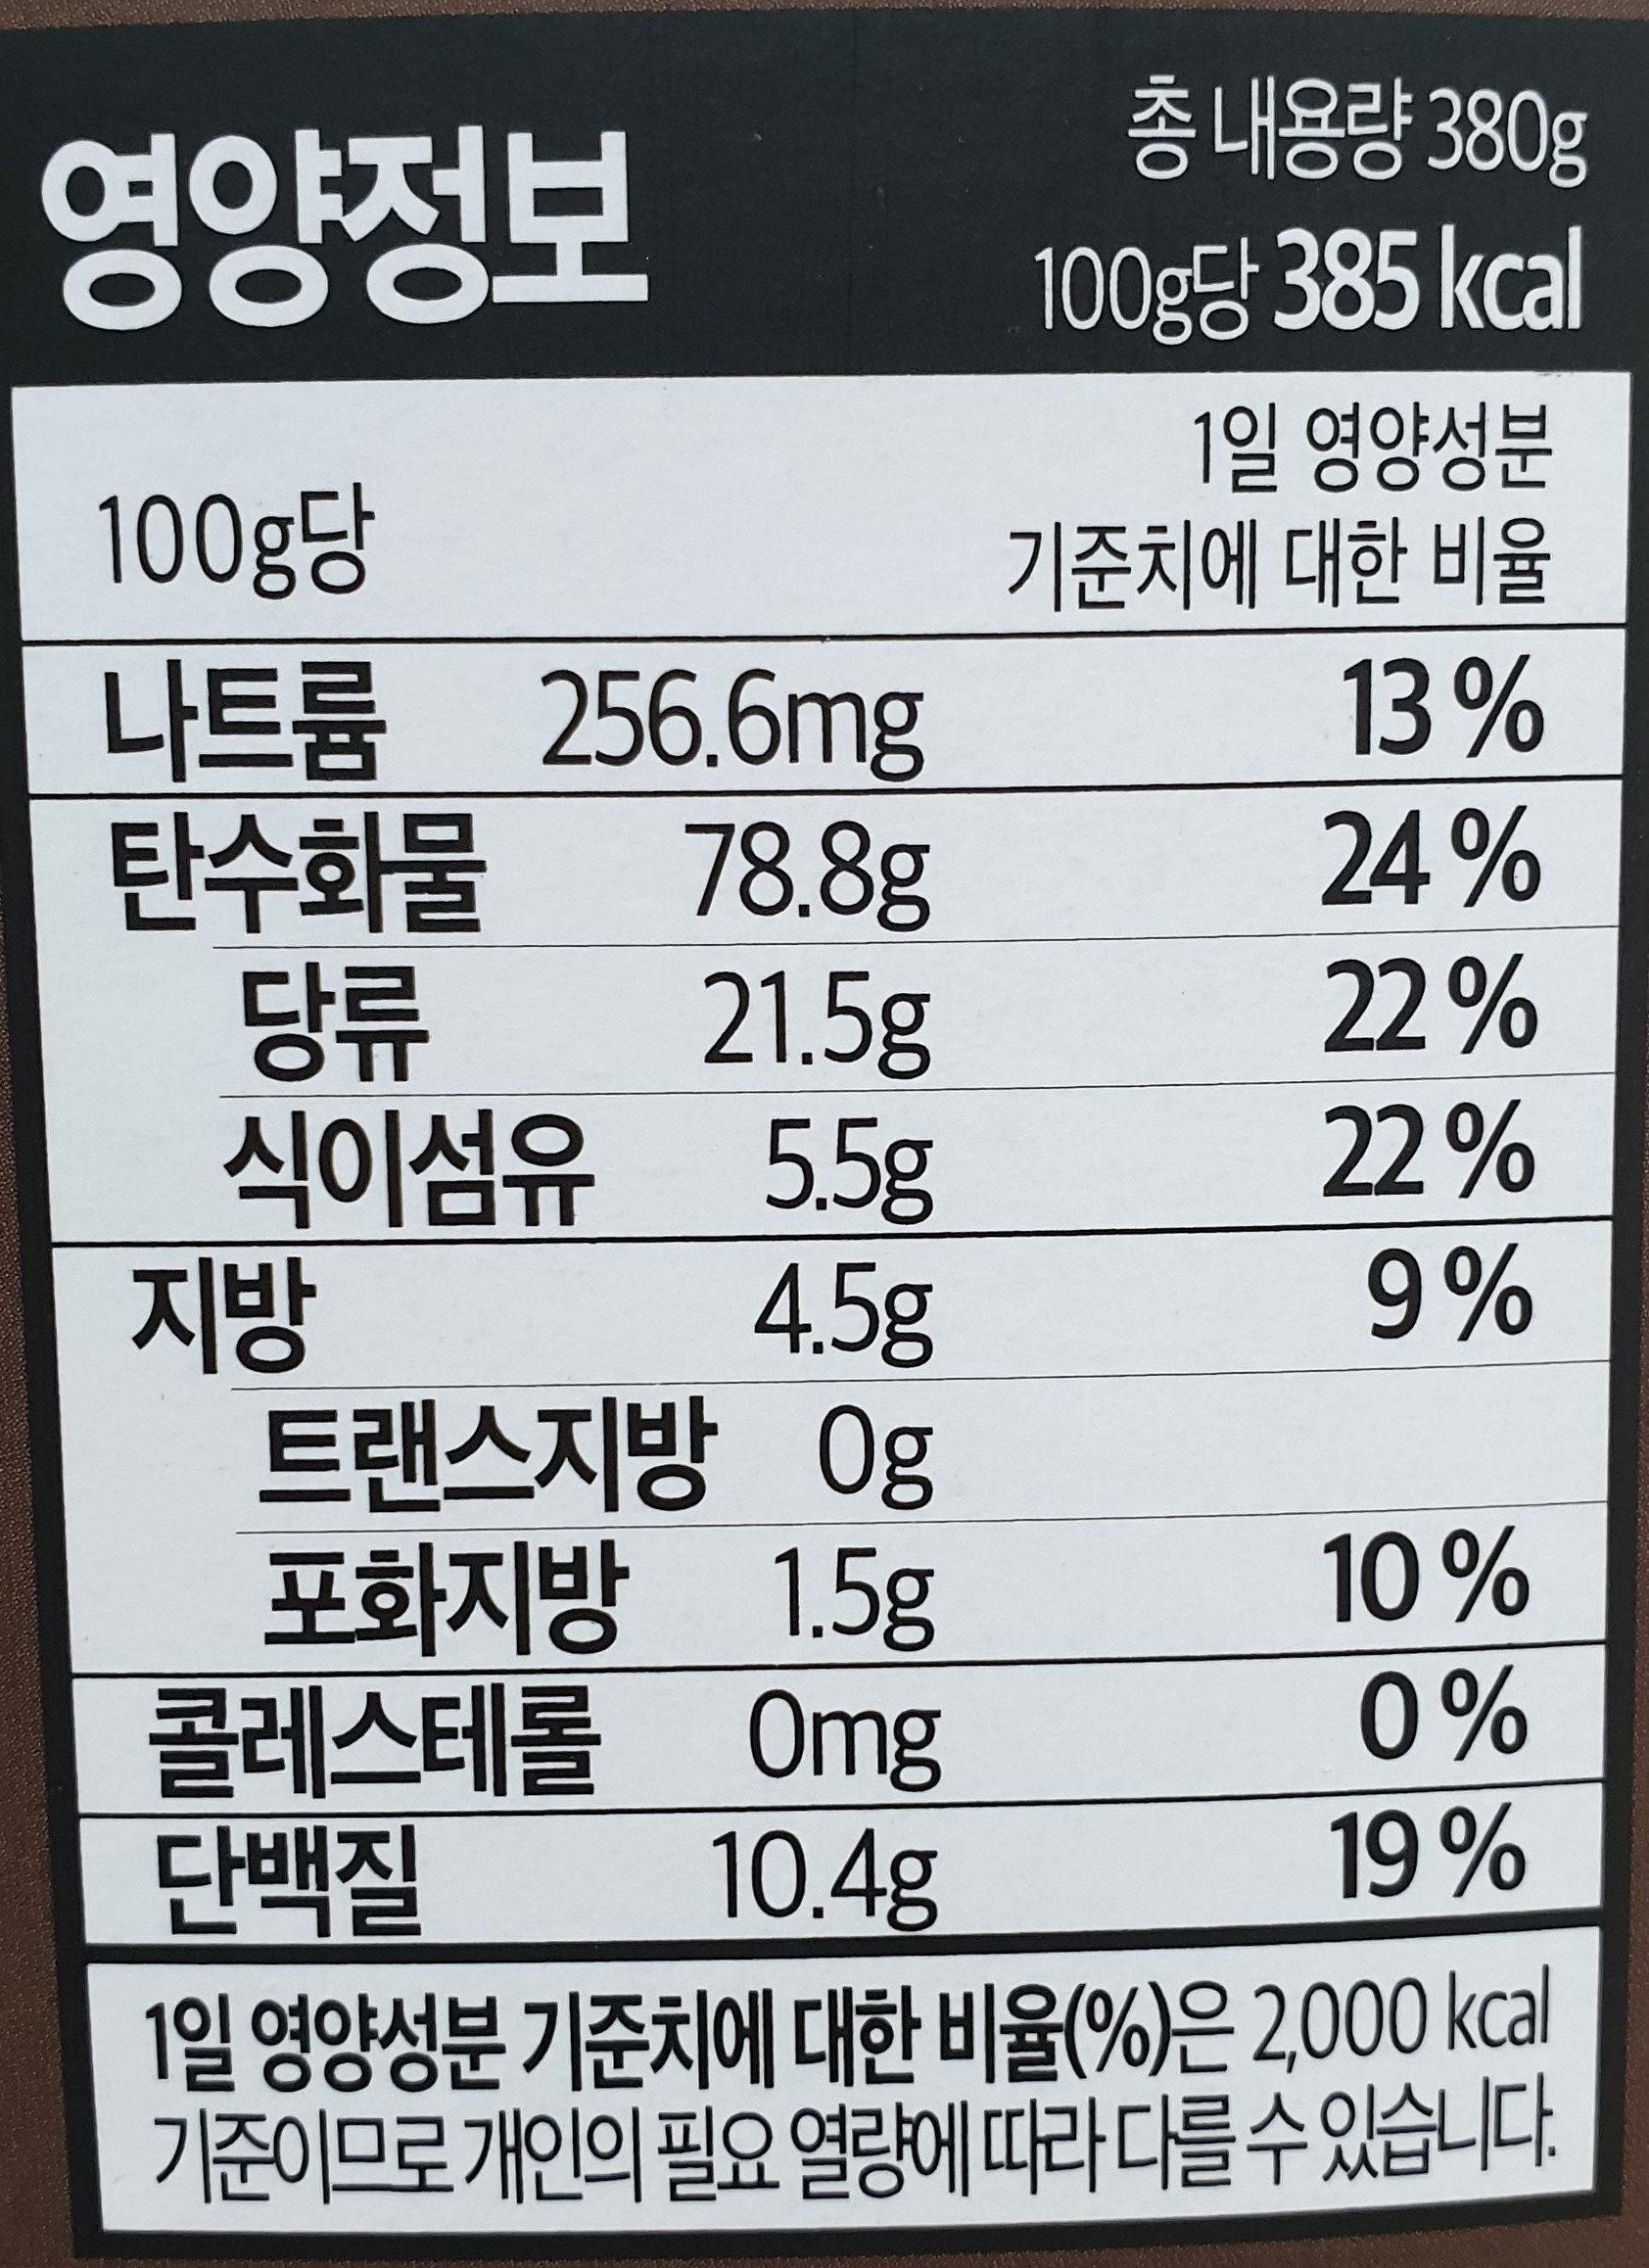 whole grain muesli - Voedingswaarden - ko